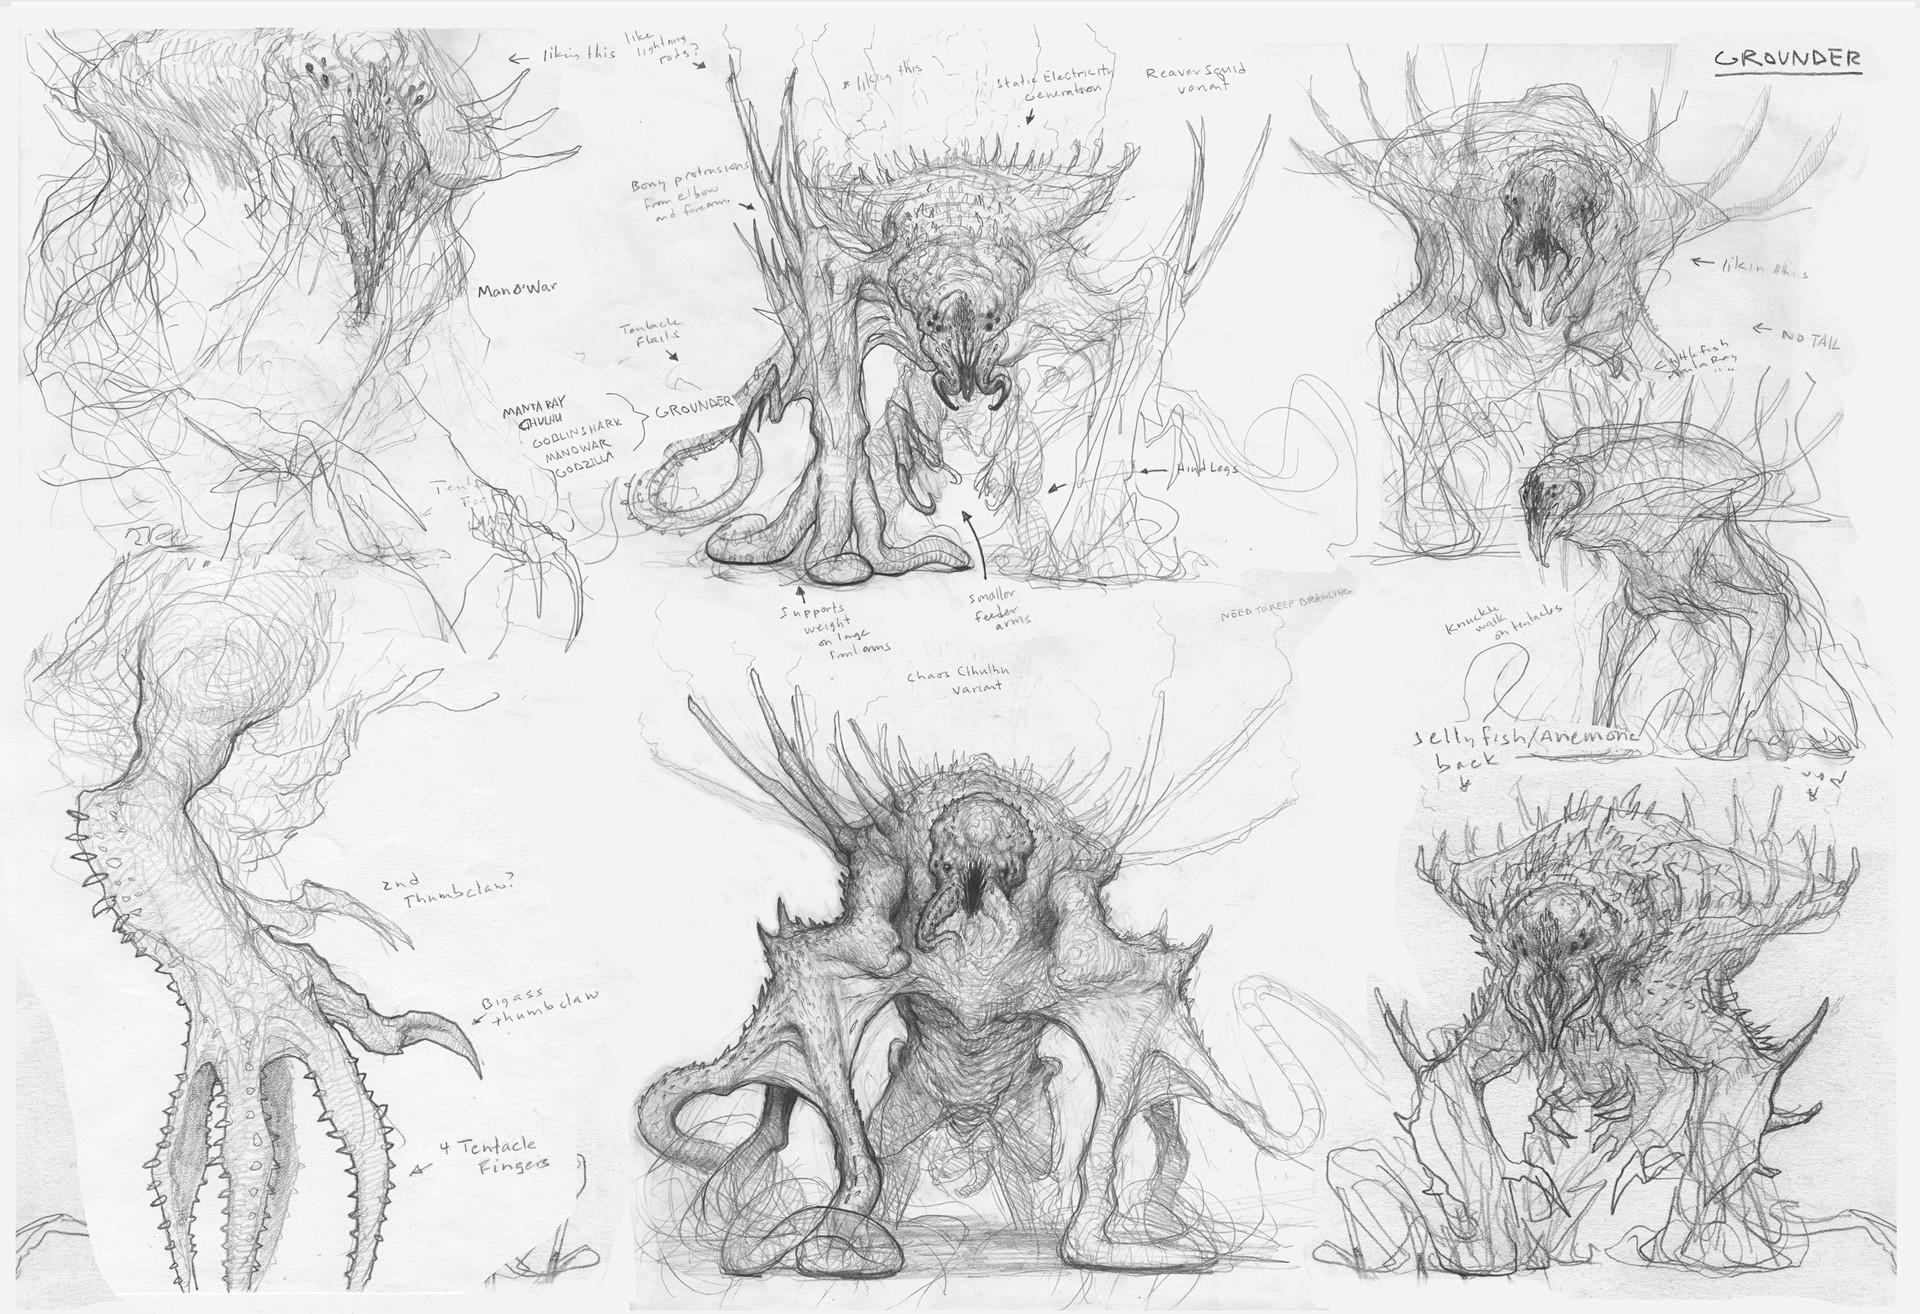 Scott flanders evolve kraken 2